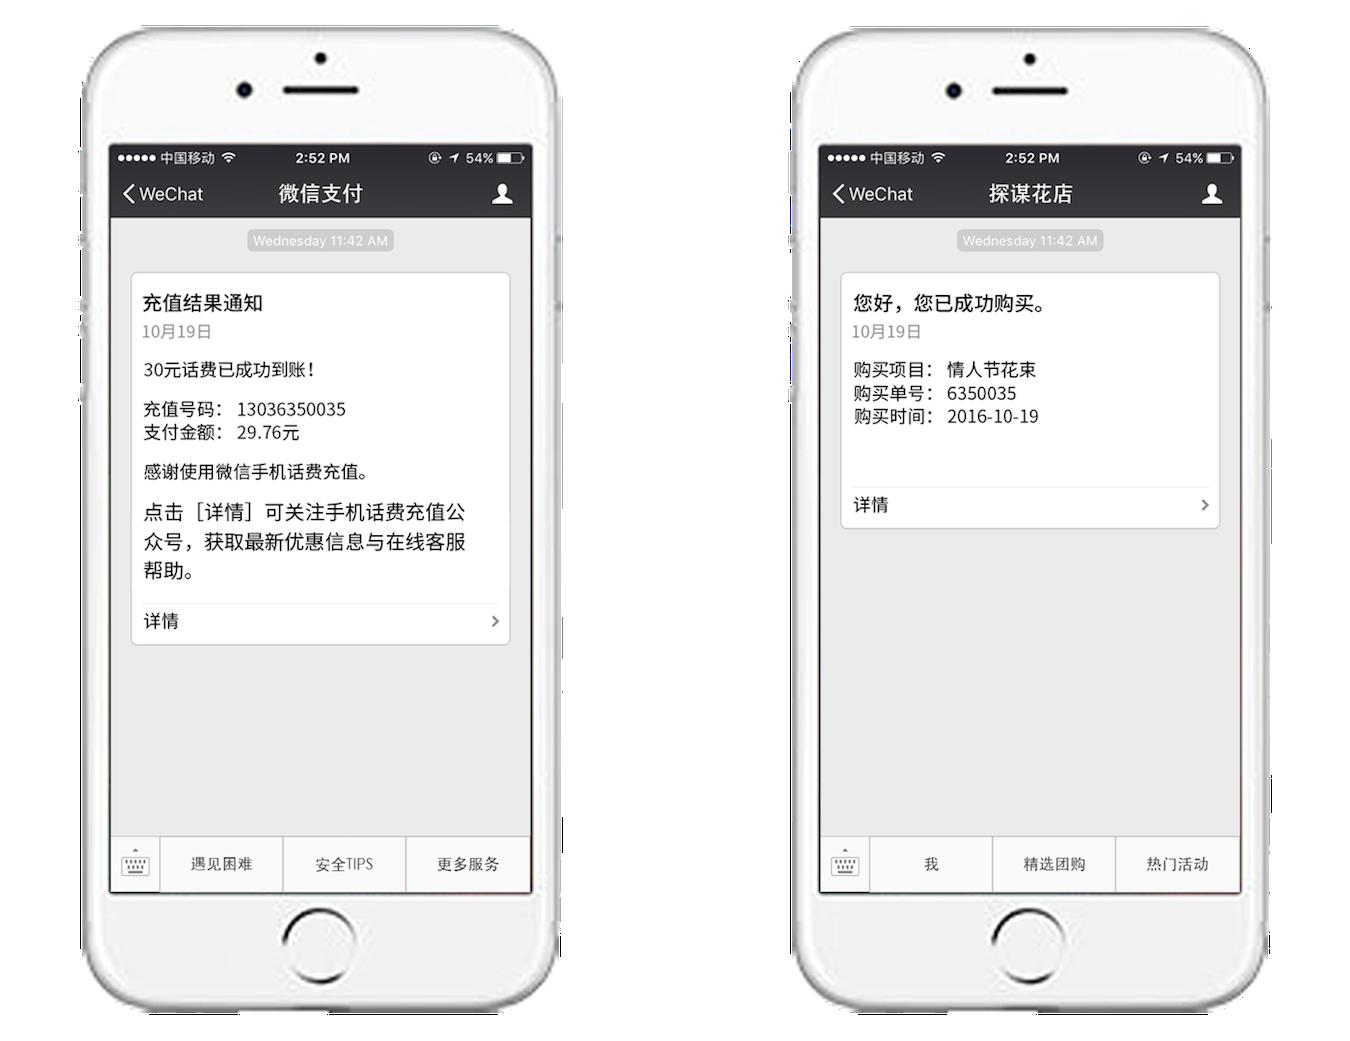 微信商城开发 探谋网络科技 tmo group